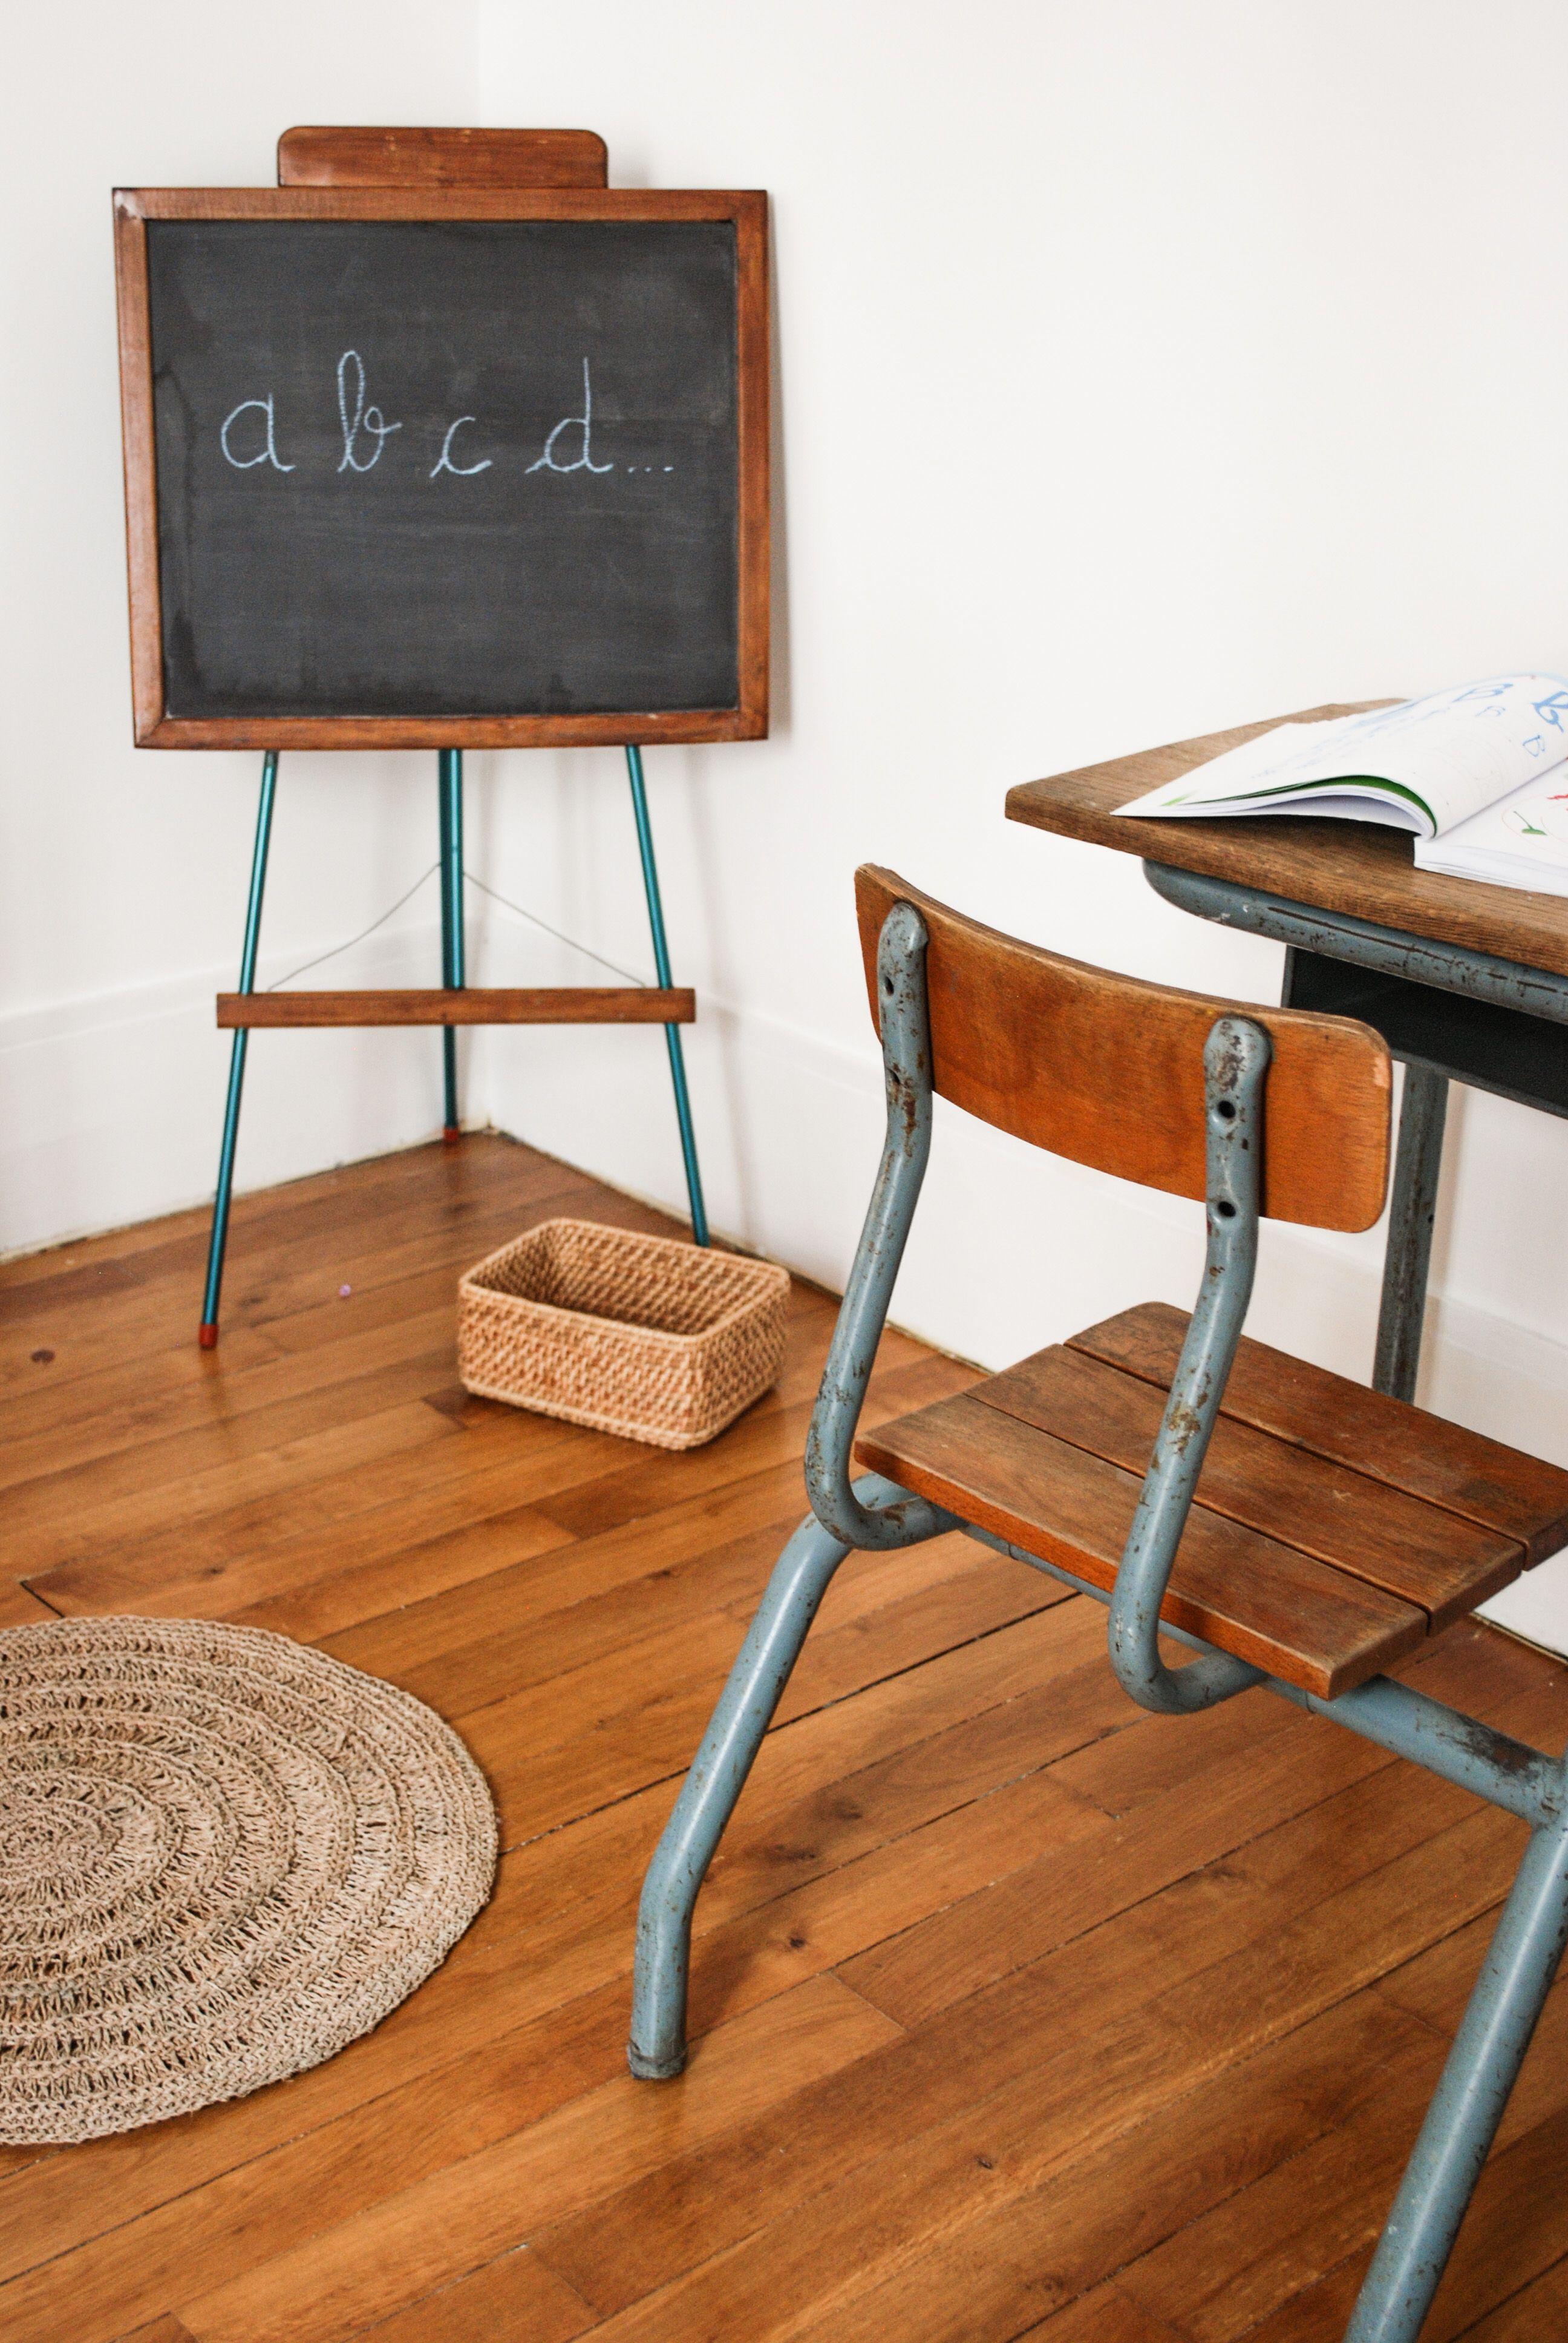 Tableau D Ecolier Vintage Mes Petites Puces Mobilier De Salon Meuble Vintage Decoration Maison